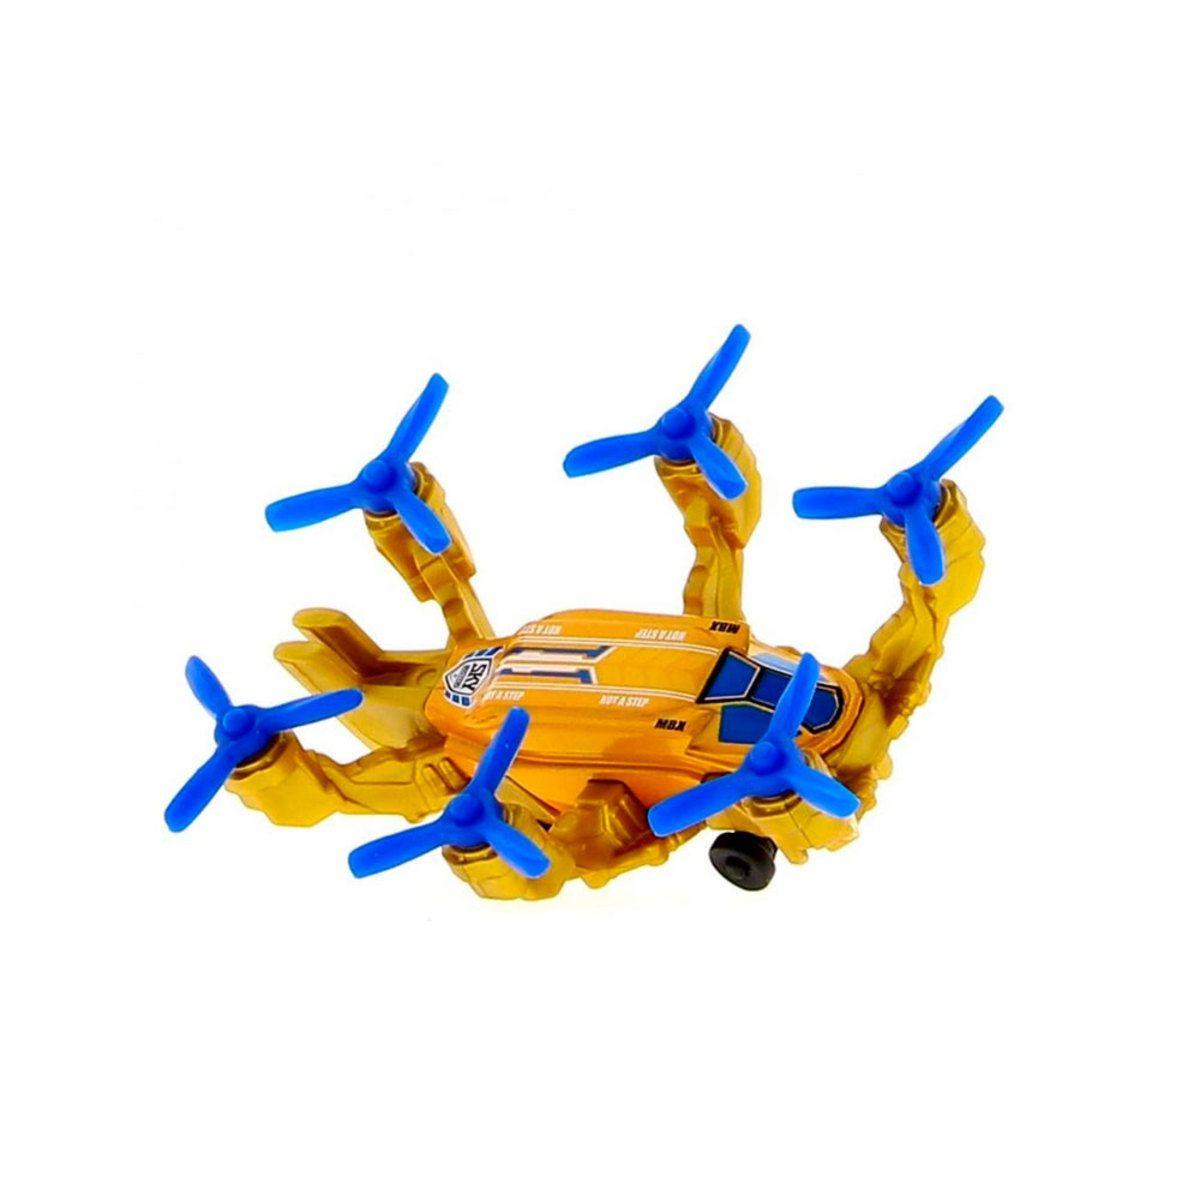 Hot Wheels Aviões Skybusters: Skyclone - Mattel